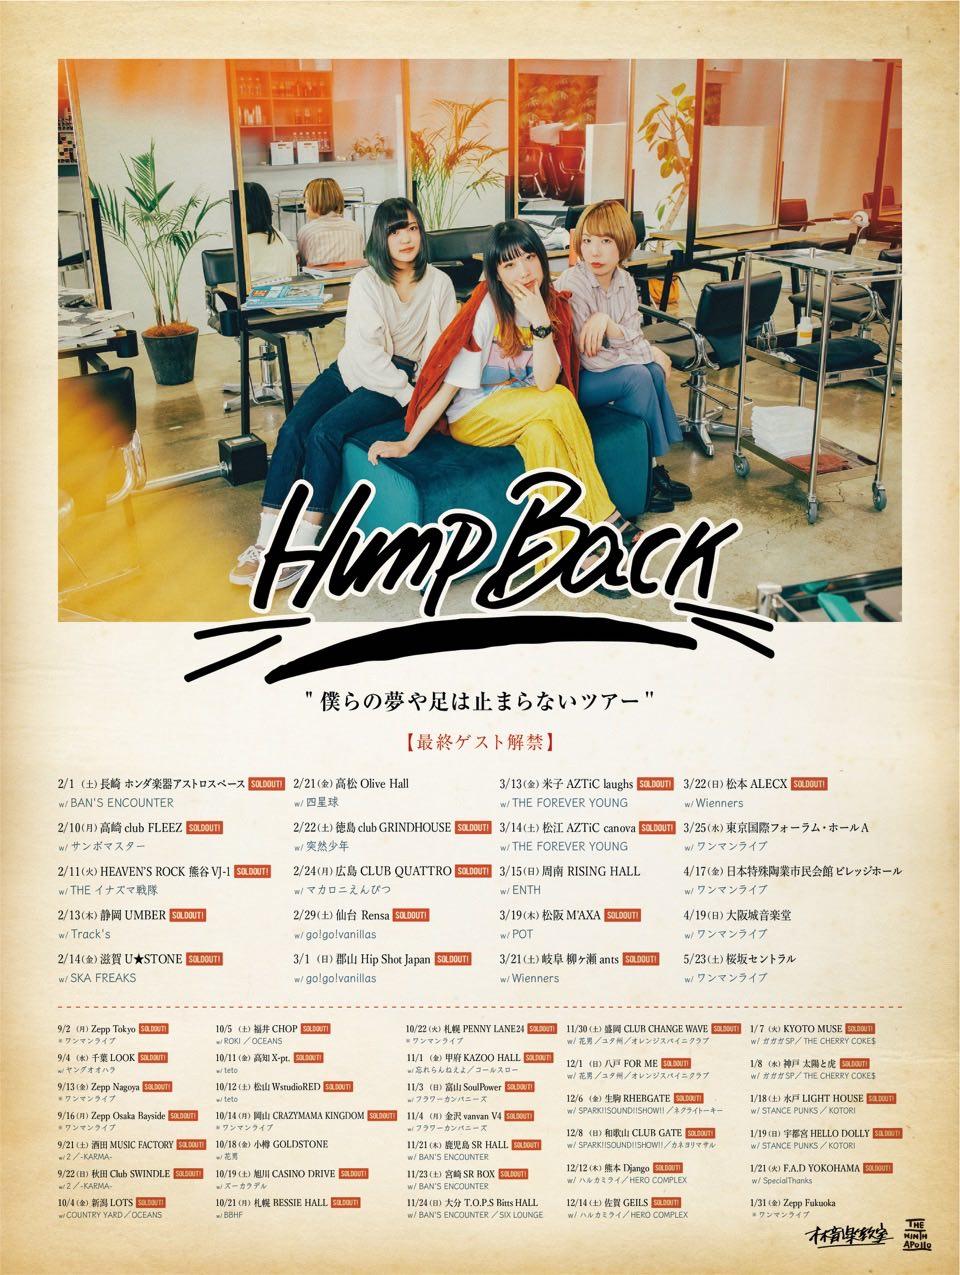 """郡山 Hip Shot Japan <span class=""""soldout"""">公演延期</span><span class=""""live-title"""">Hump Back「僕らの夢や足は止まらないツアー」</span>"""